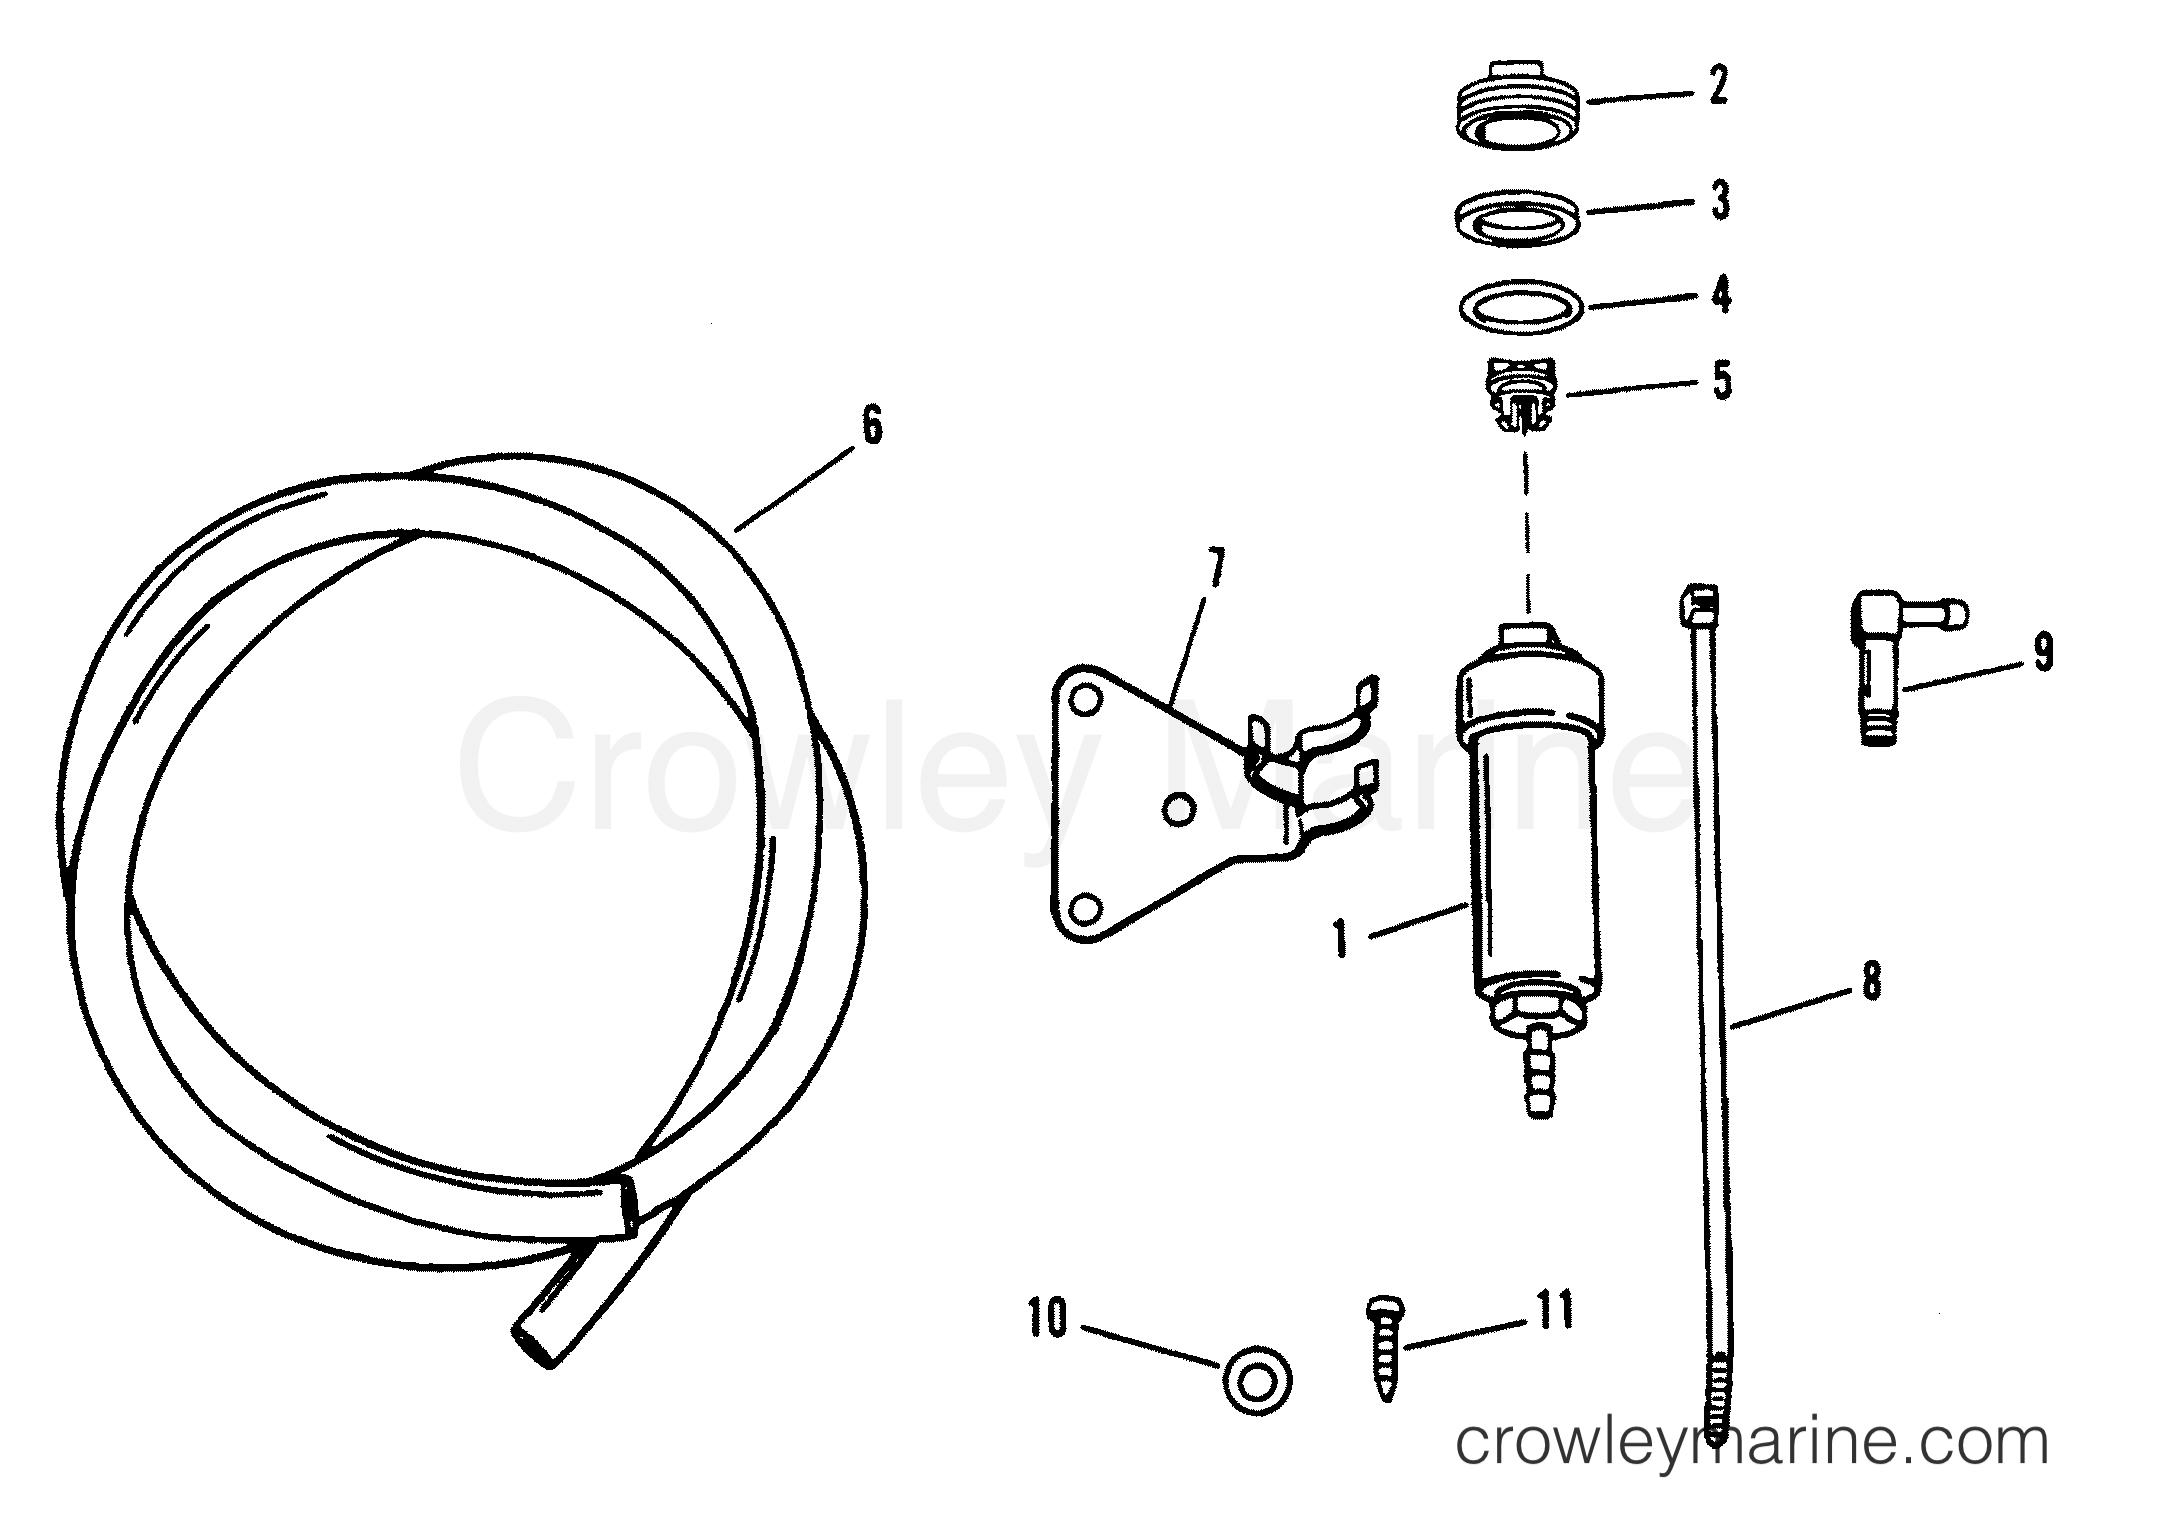 Flushing Kit Accessory